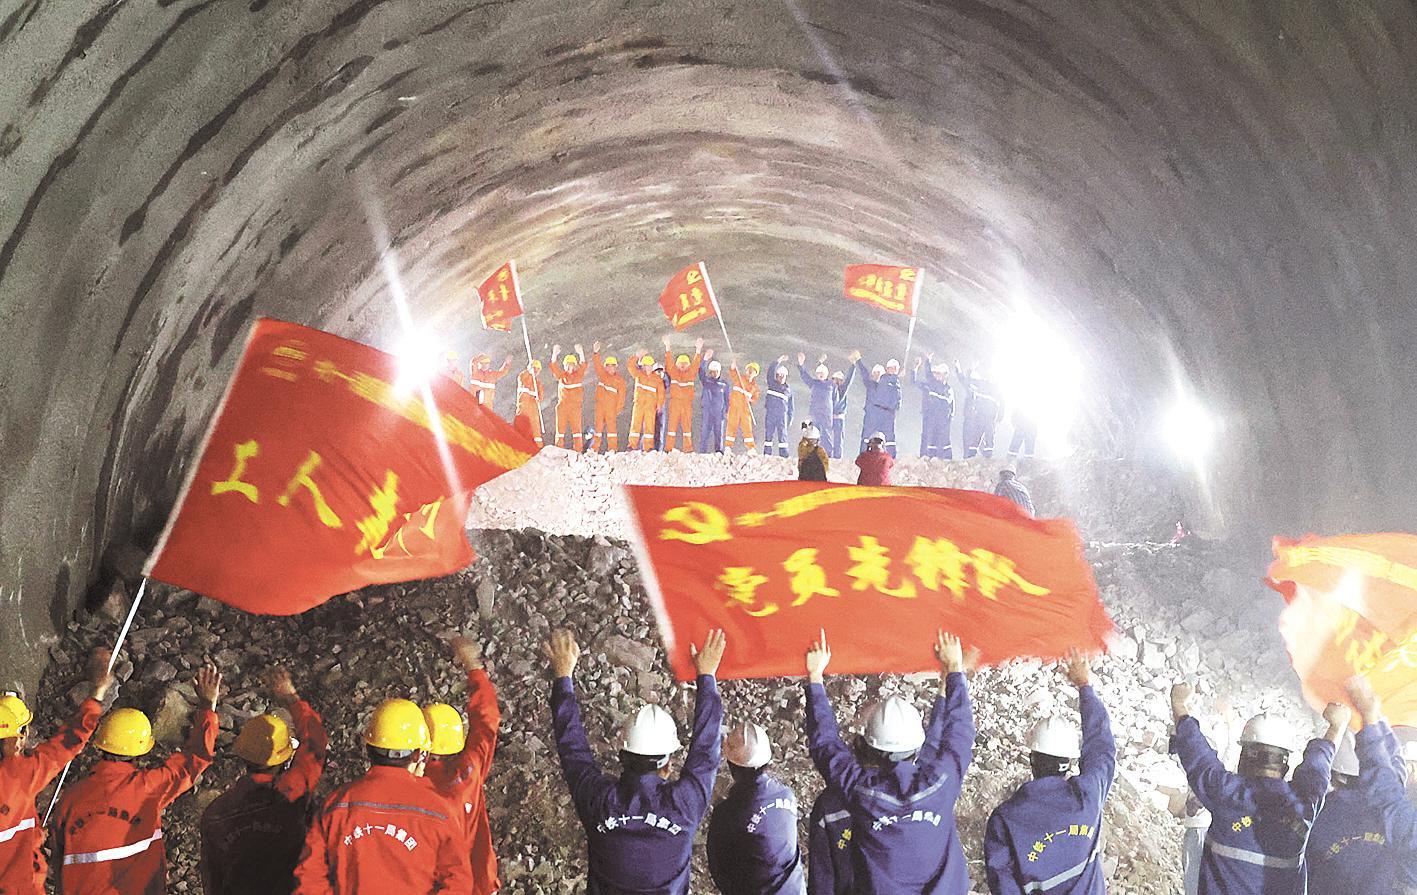 全长5506米 郑万高铁高家坪隧道贯通